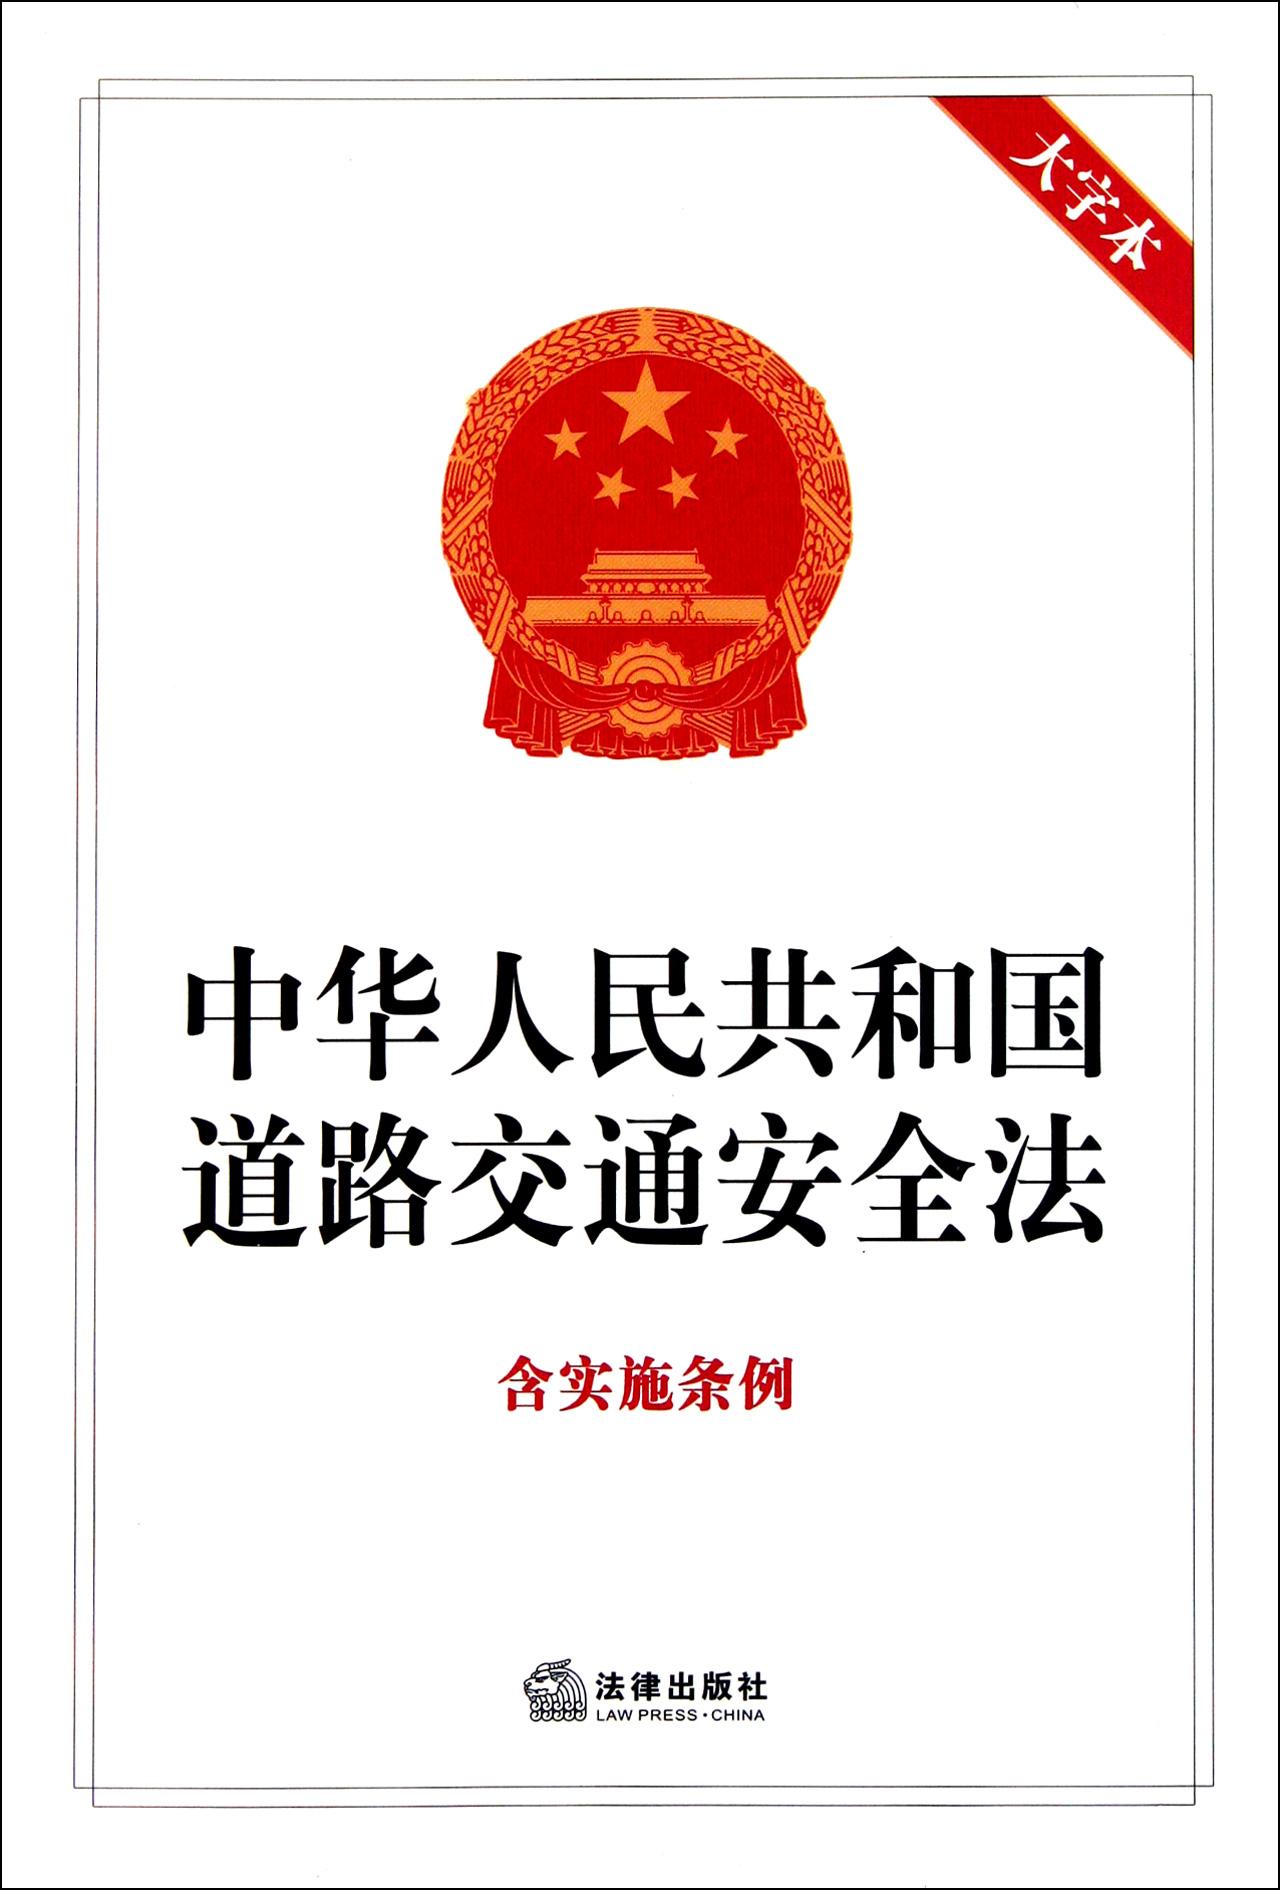 道路交通安全法讲座_中华人民共和国道路交通安全法(含实施条例大字本)